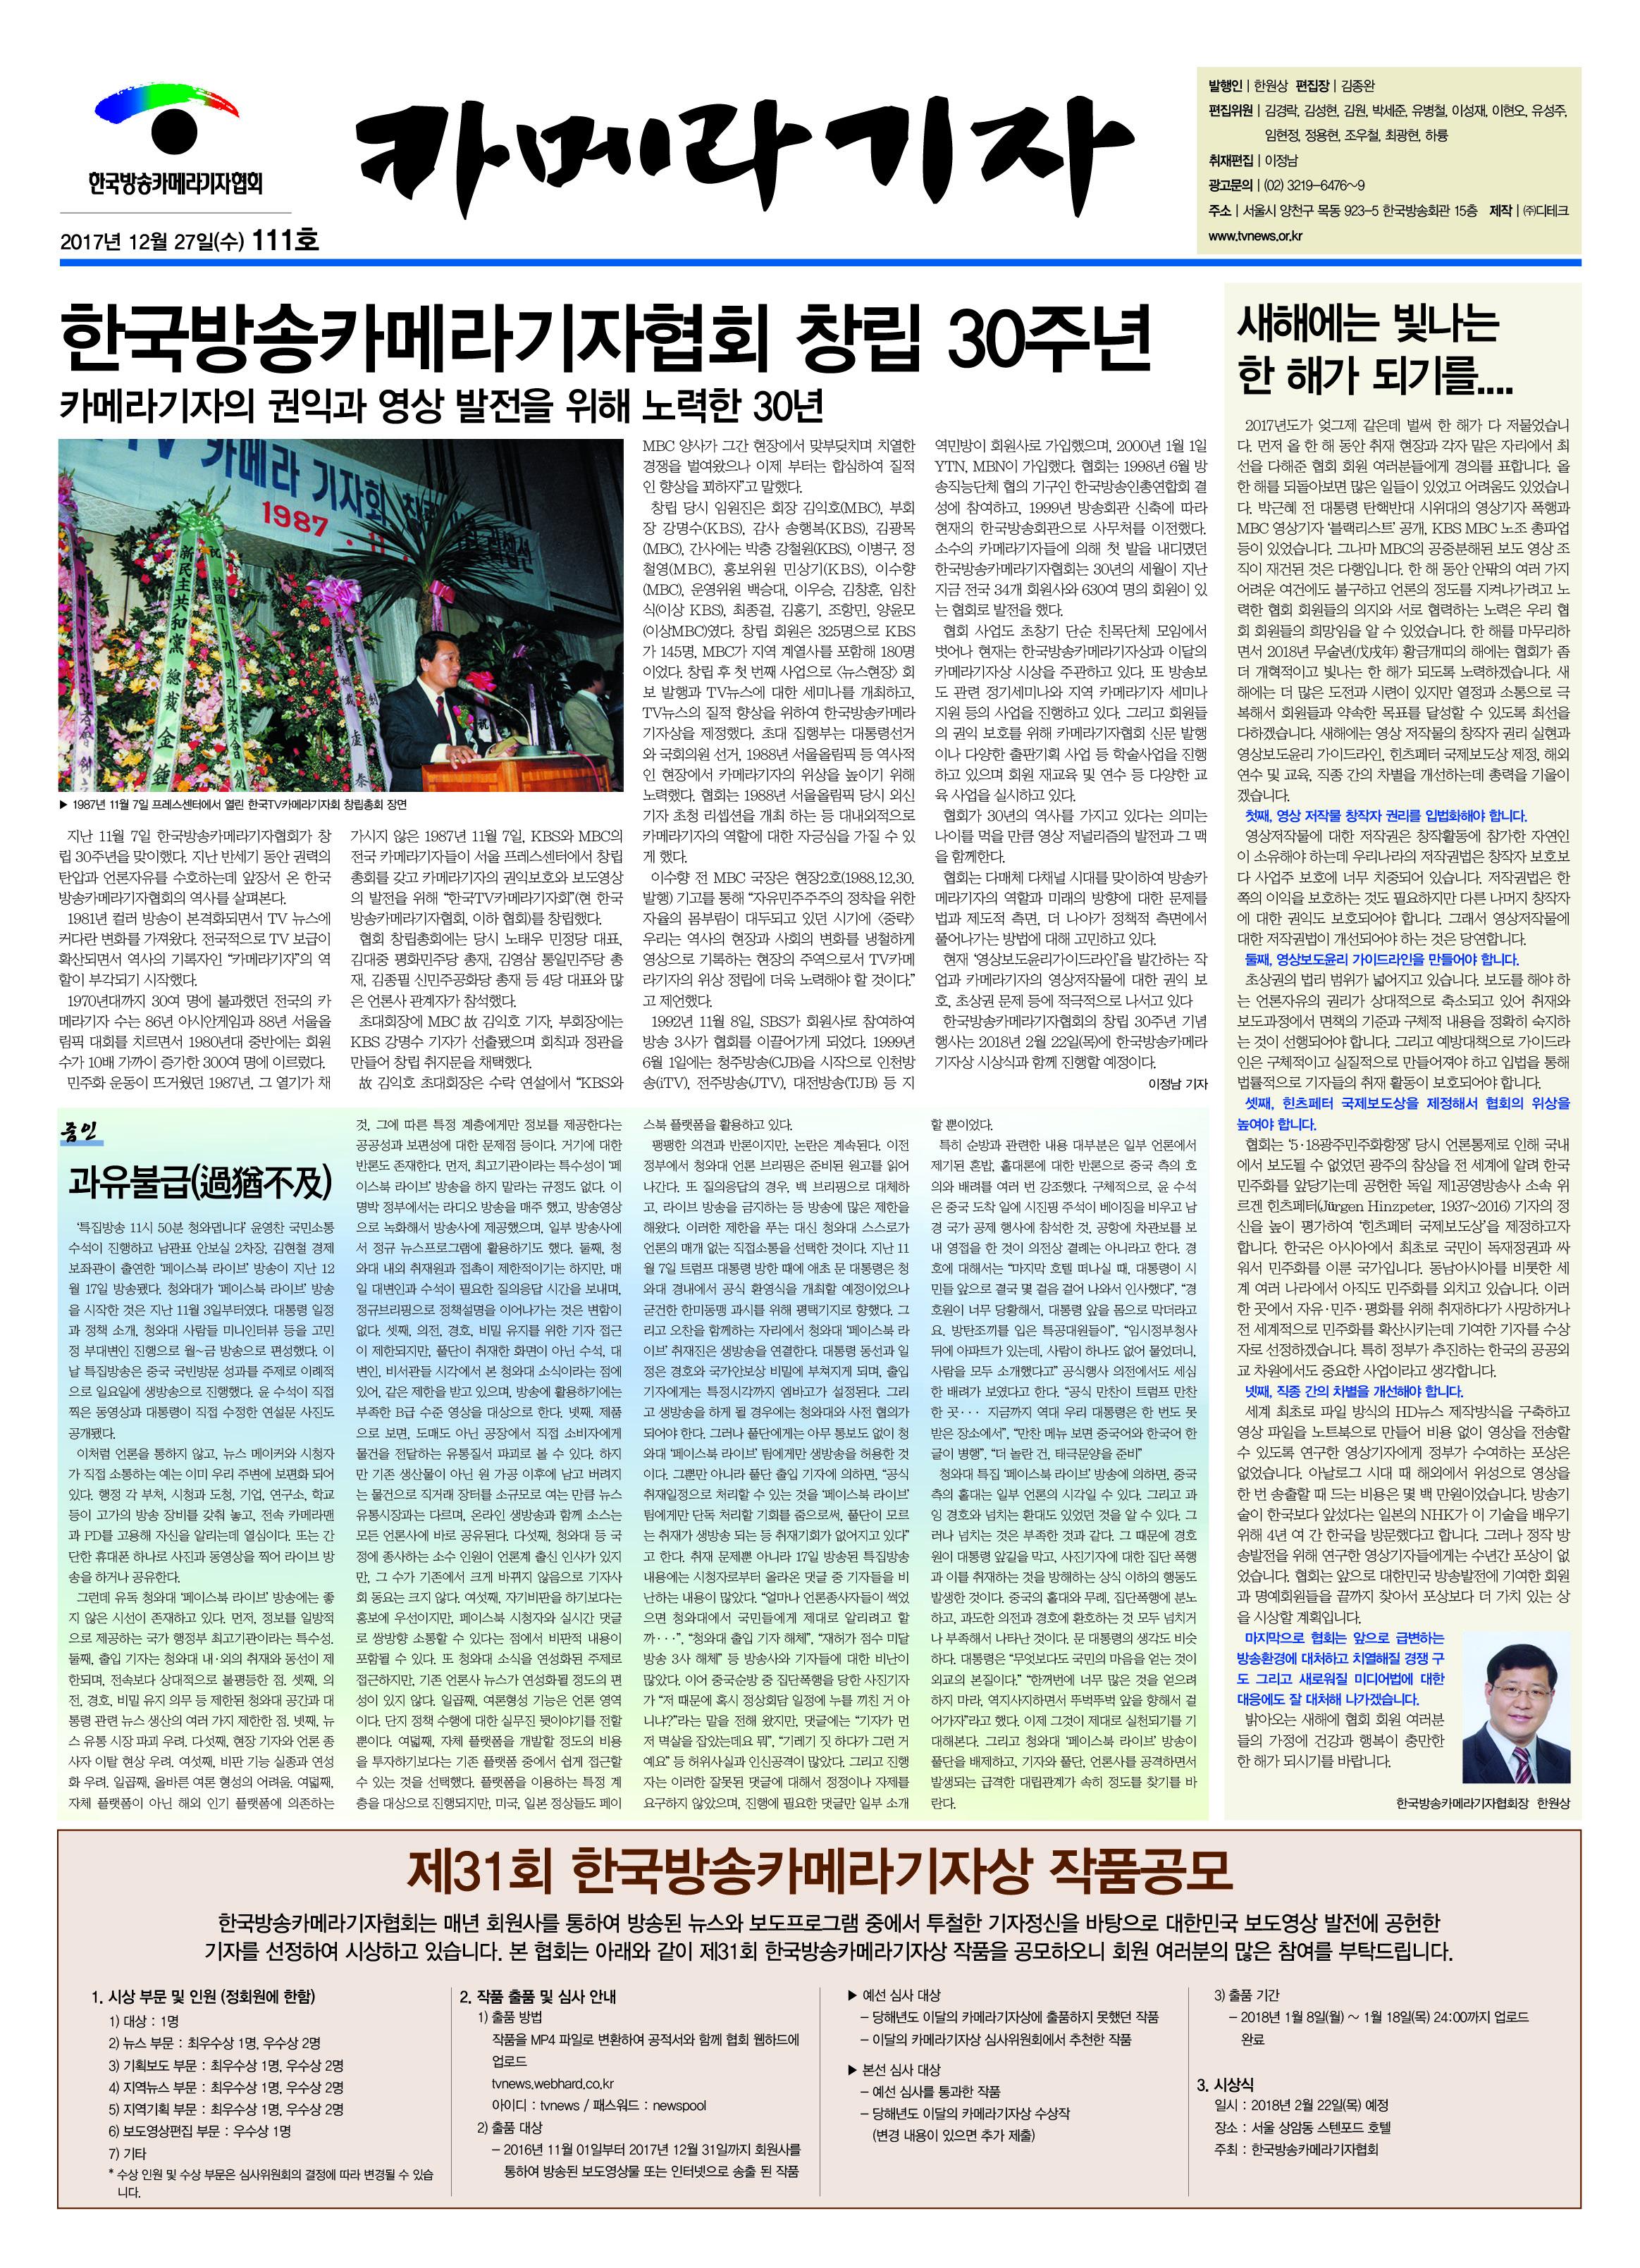 카메라기자신문 111호-01.jpg